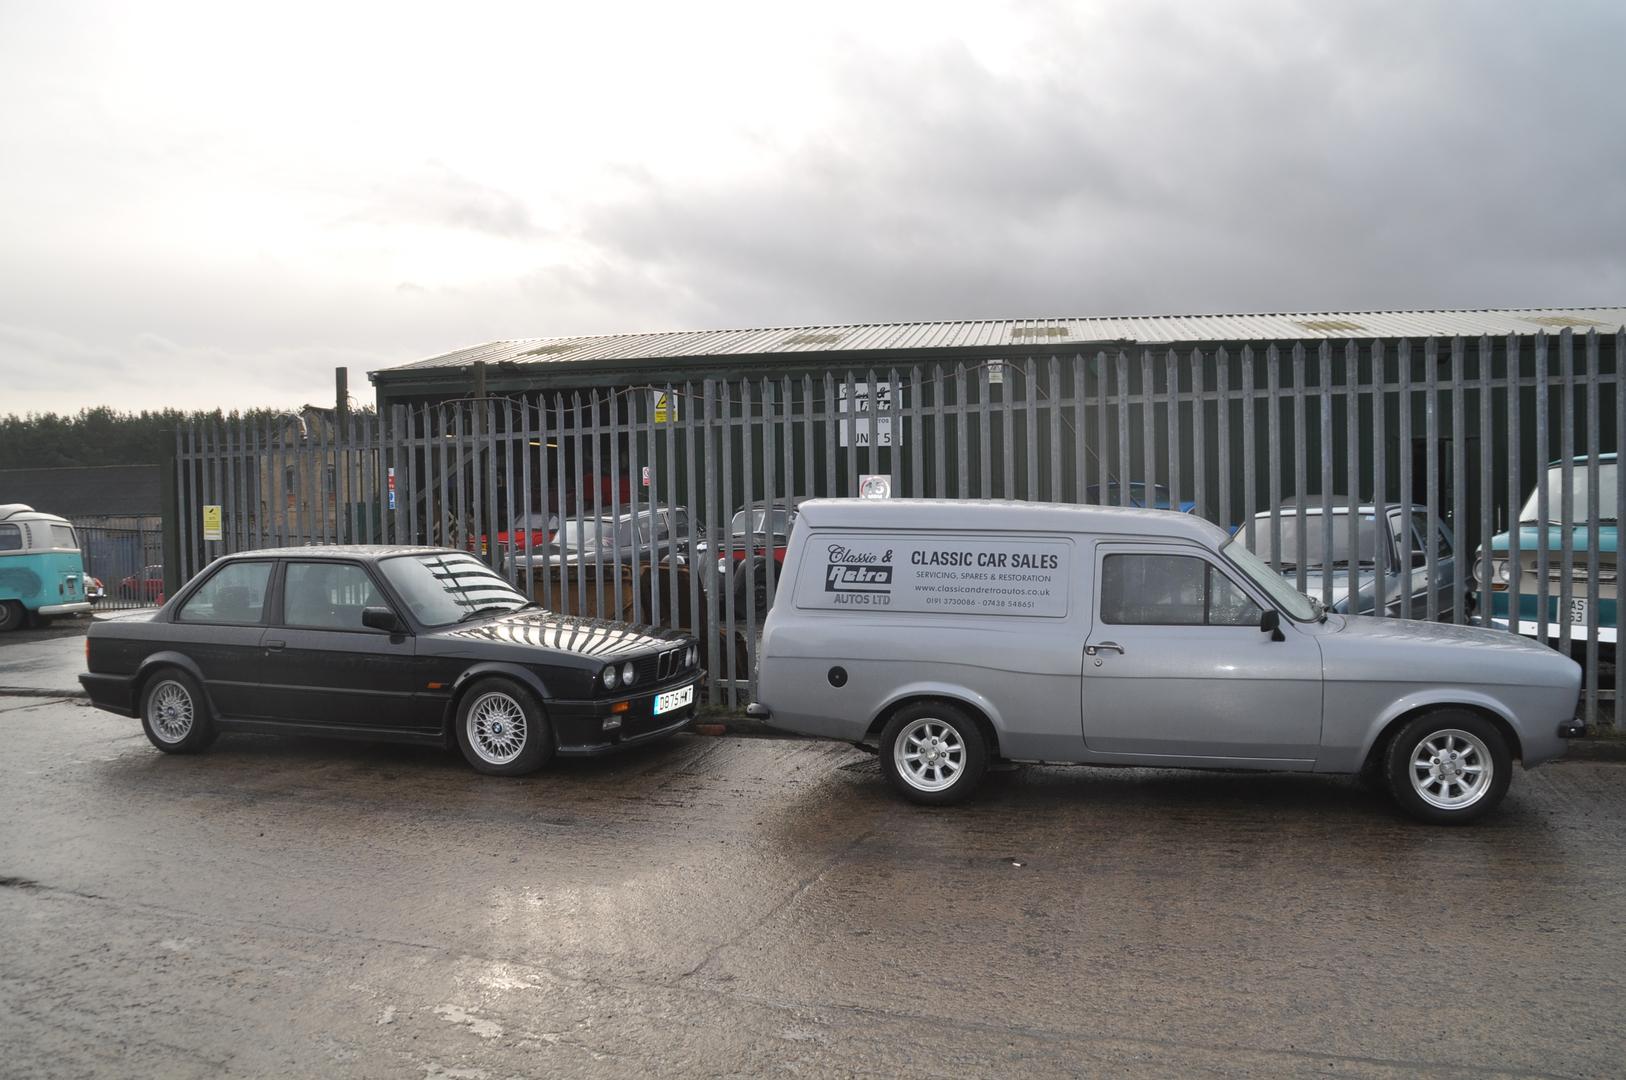 Home Classic And Retro Autos Ltd